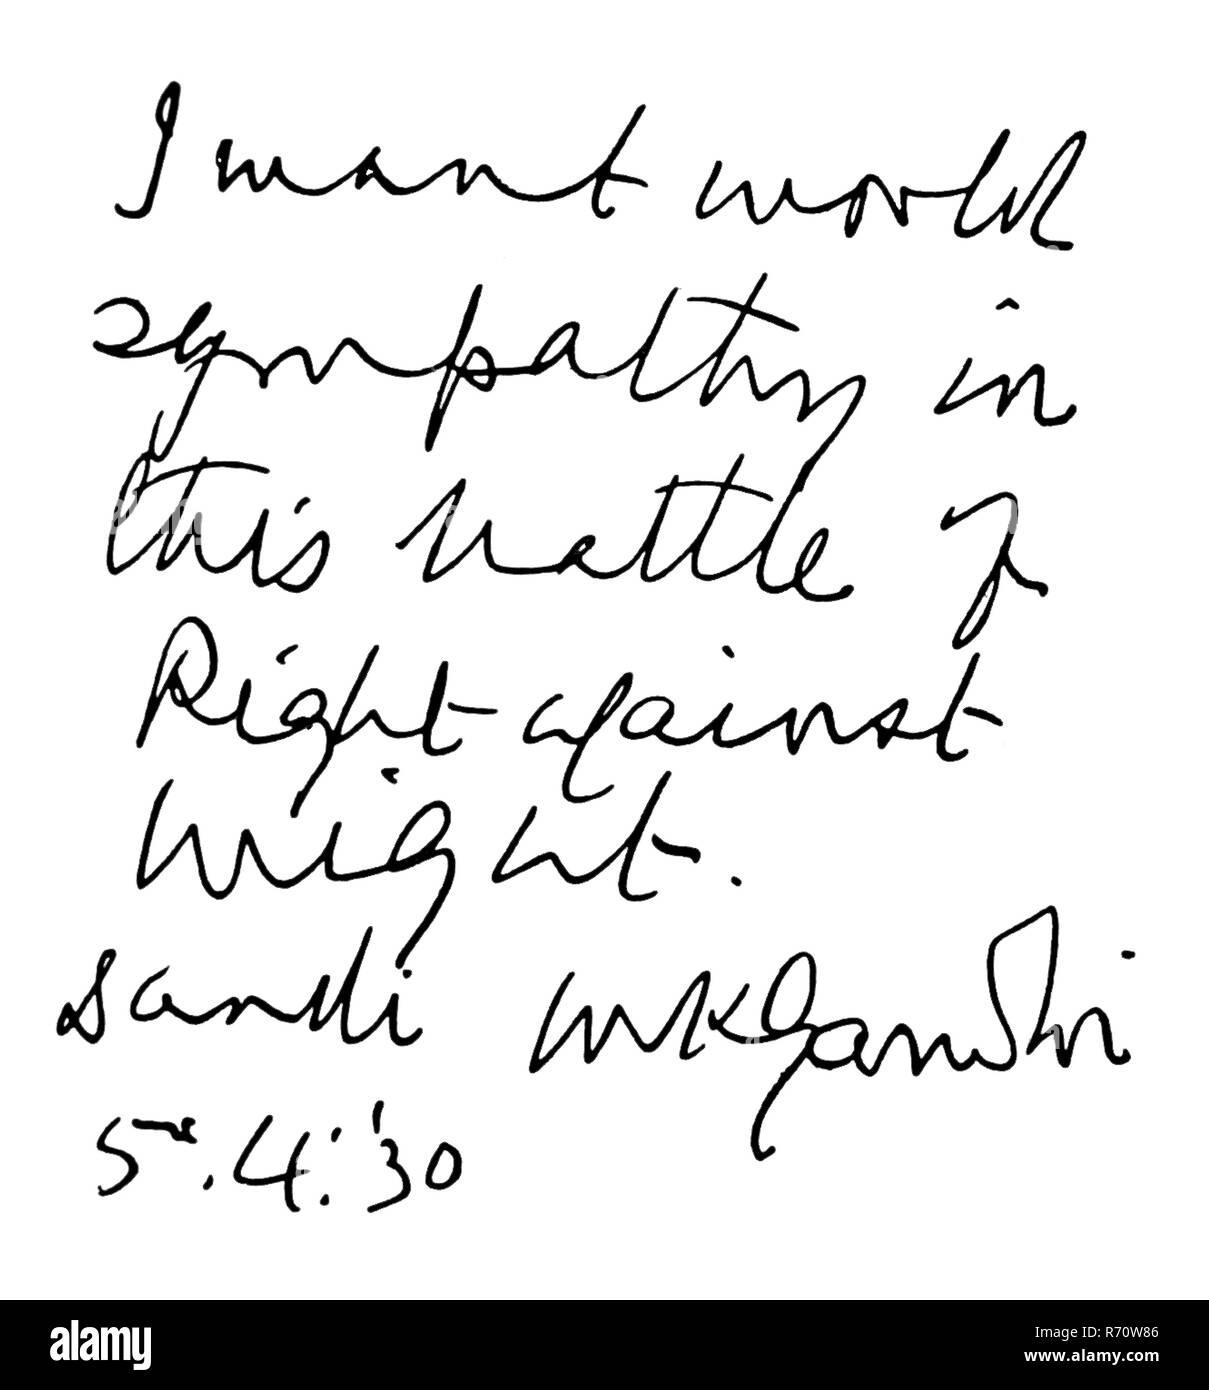 'Je veux la sympathie du monde dans cette bataille du droit contre la force. M.K. Gandhi, Dandi 5.4.'30' - AUTORISATION MODÈLE NON DISPONIBLE Photo Stock